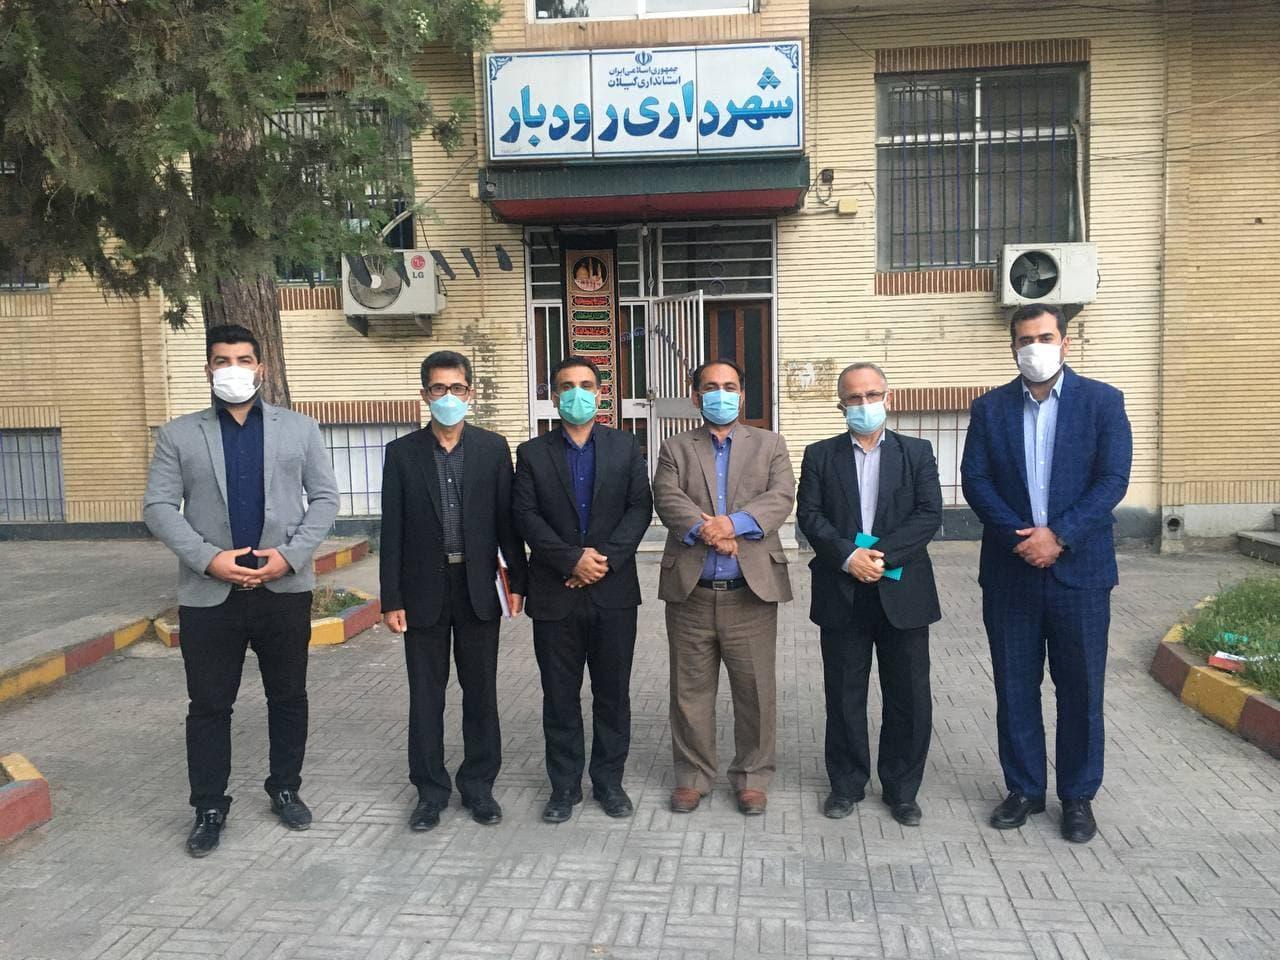 دکتر شهرام پیراندرخ با  رأی اکثریت اعضای شورای شهر سكاندار شهرداری رودبار شد